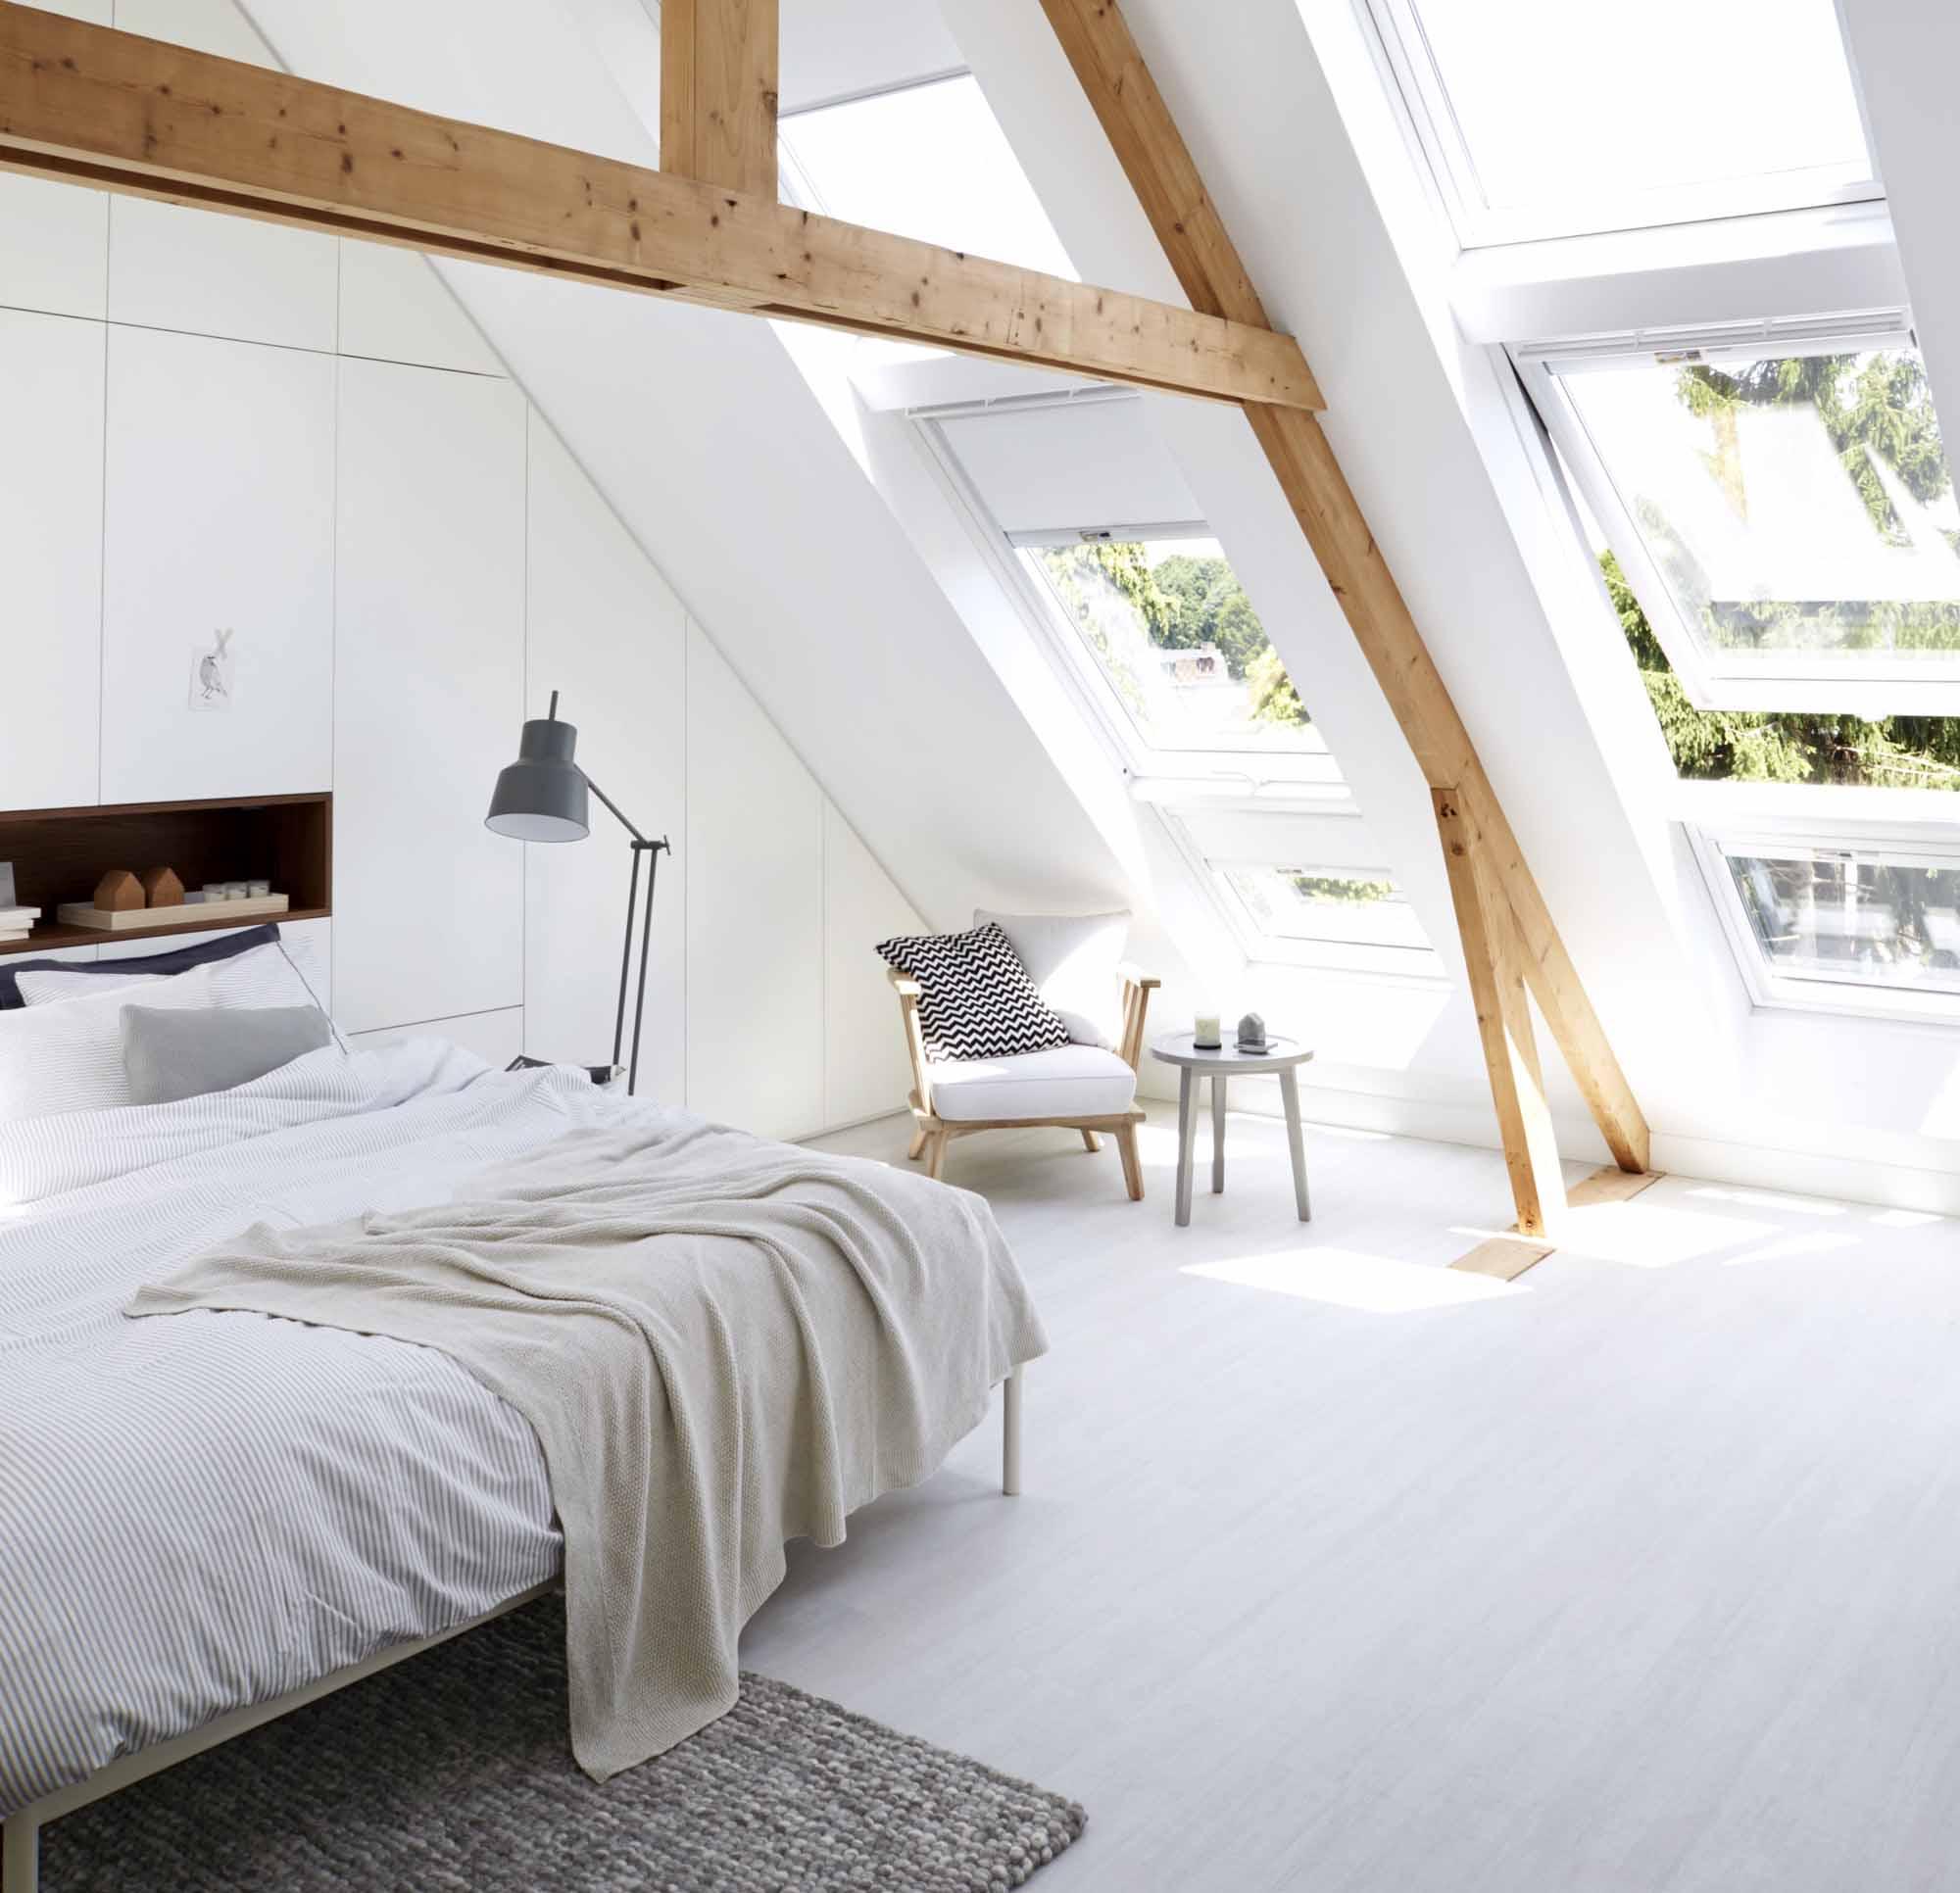 Dormitorios nordicos19 for Muebles estilo banak